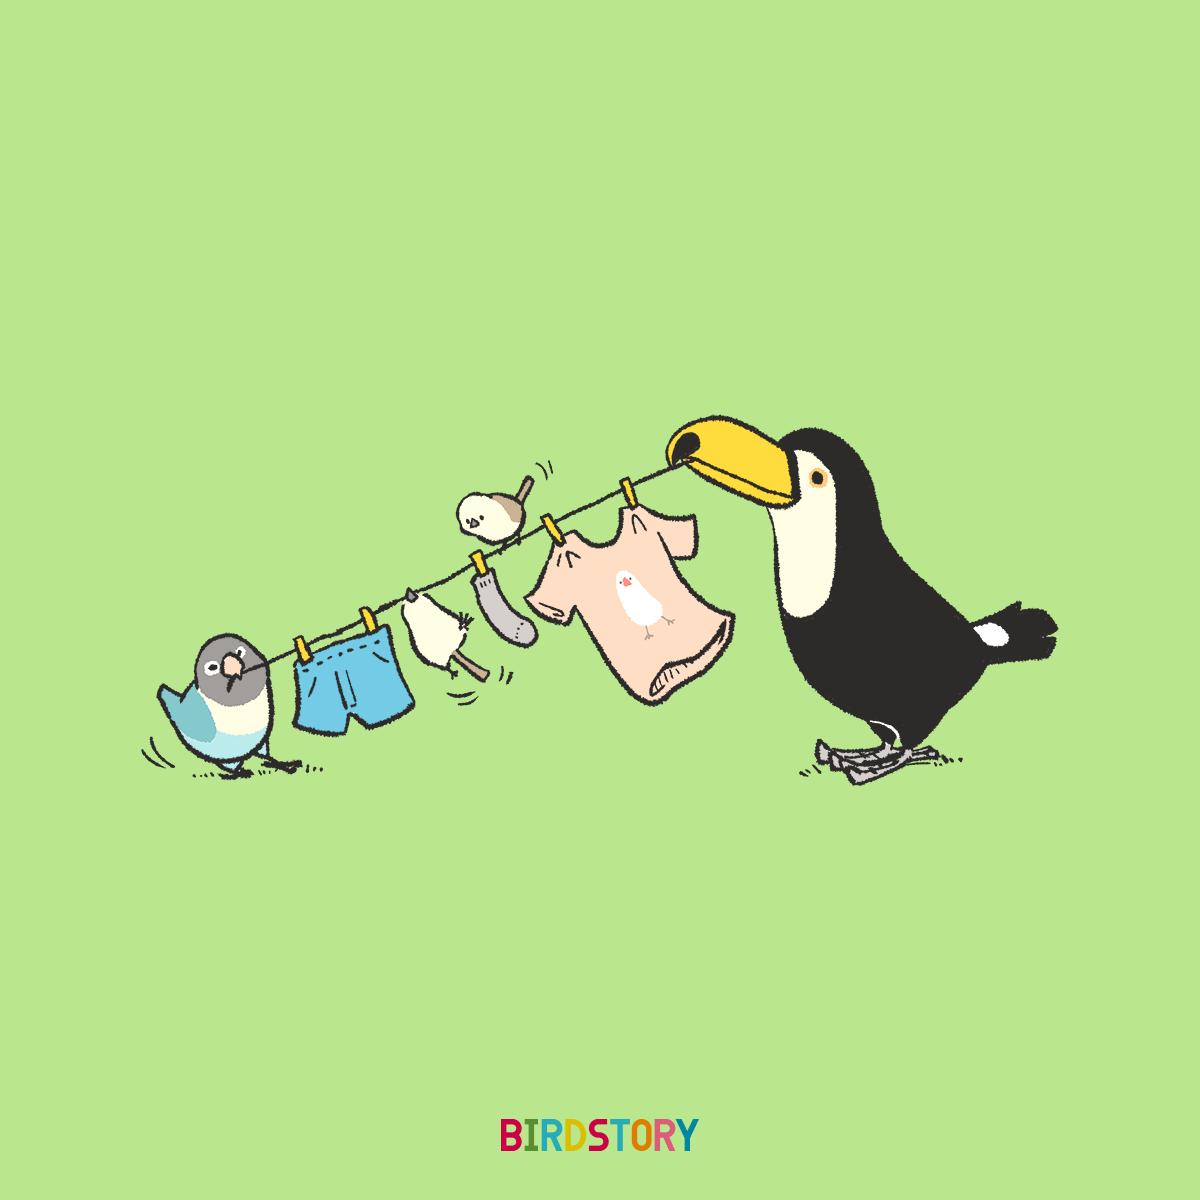 梅雨の洗濯の選択 オニオオハシとボタンインコとシマエナガ